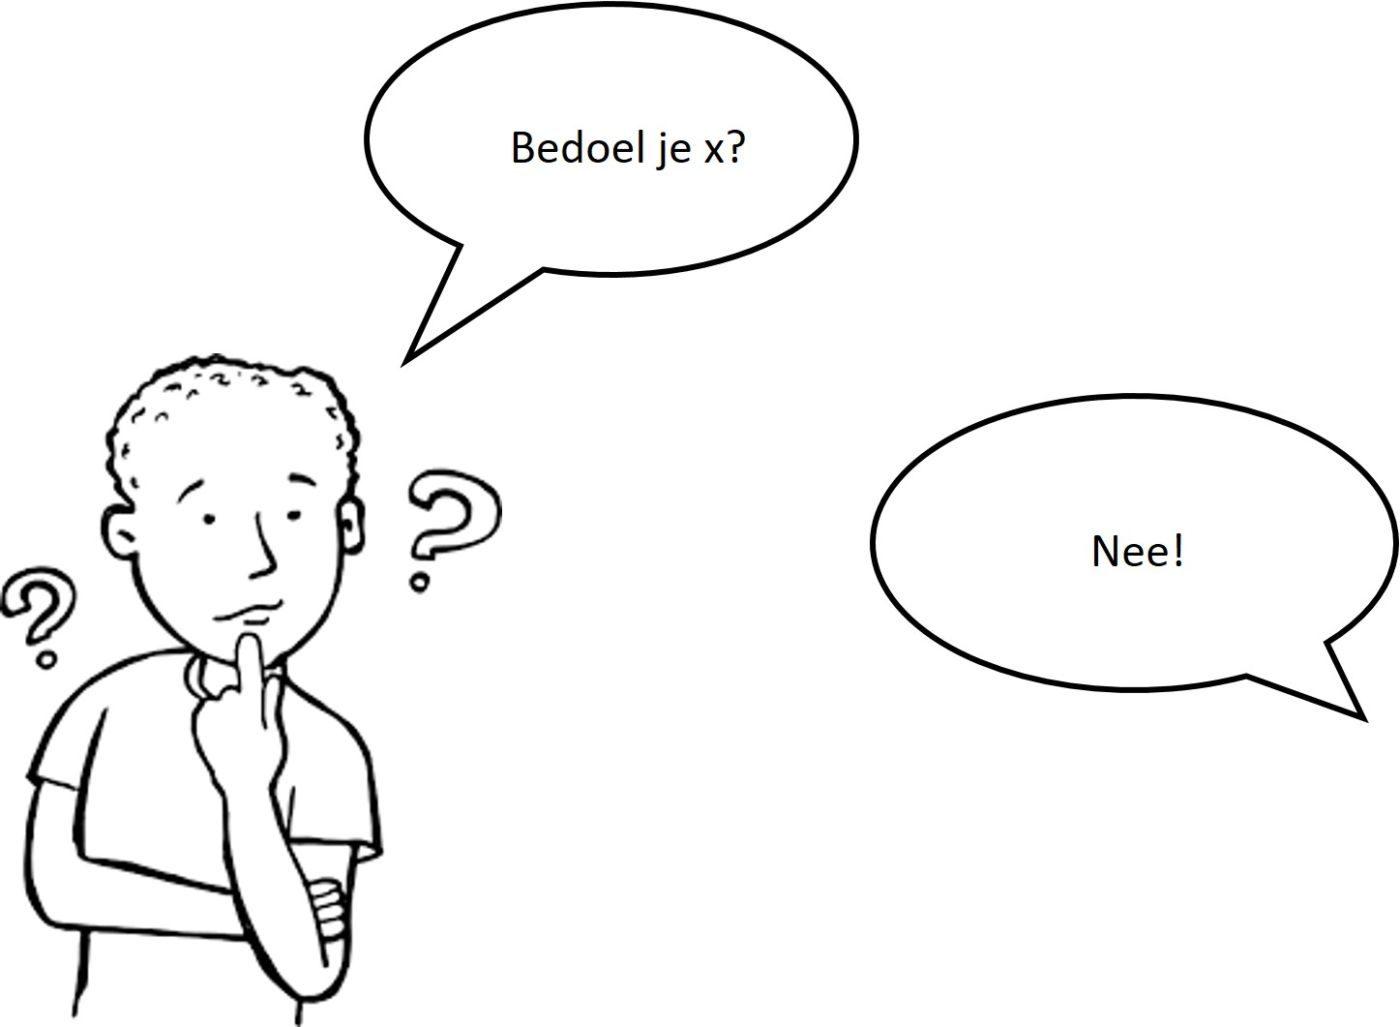 Hoe reageren gesprekspartners als ze iets niet helemaal begrijpen?